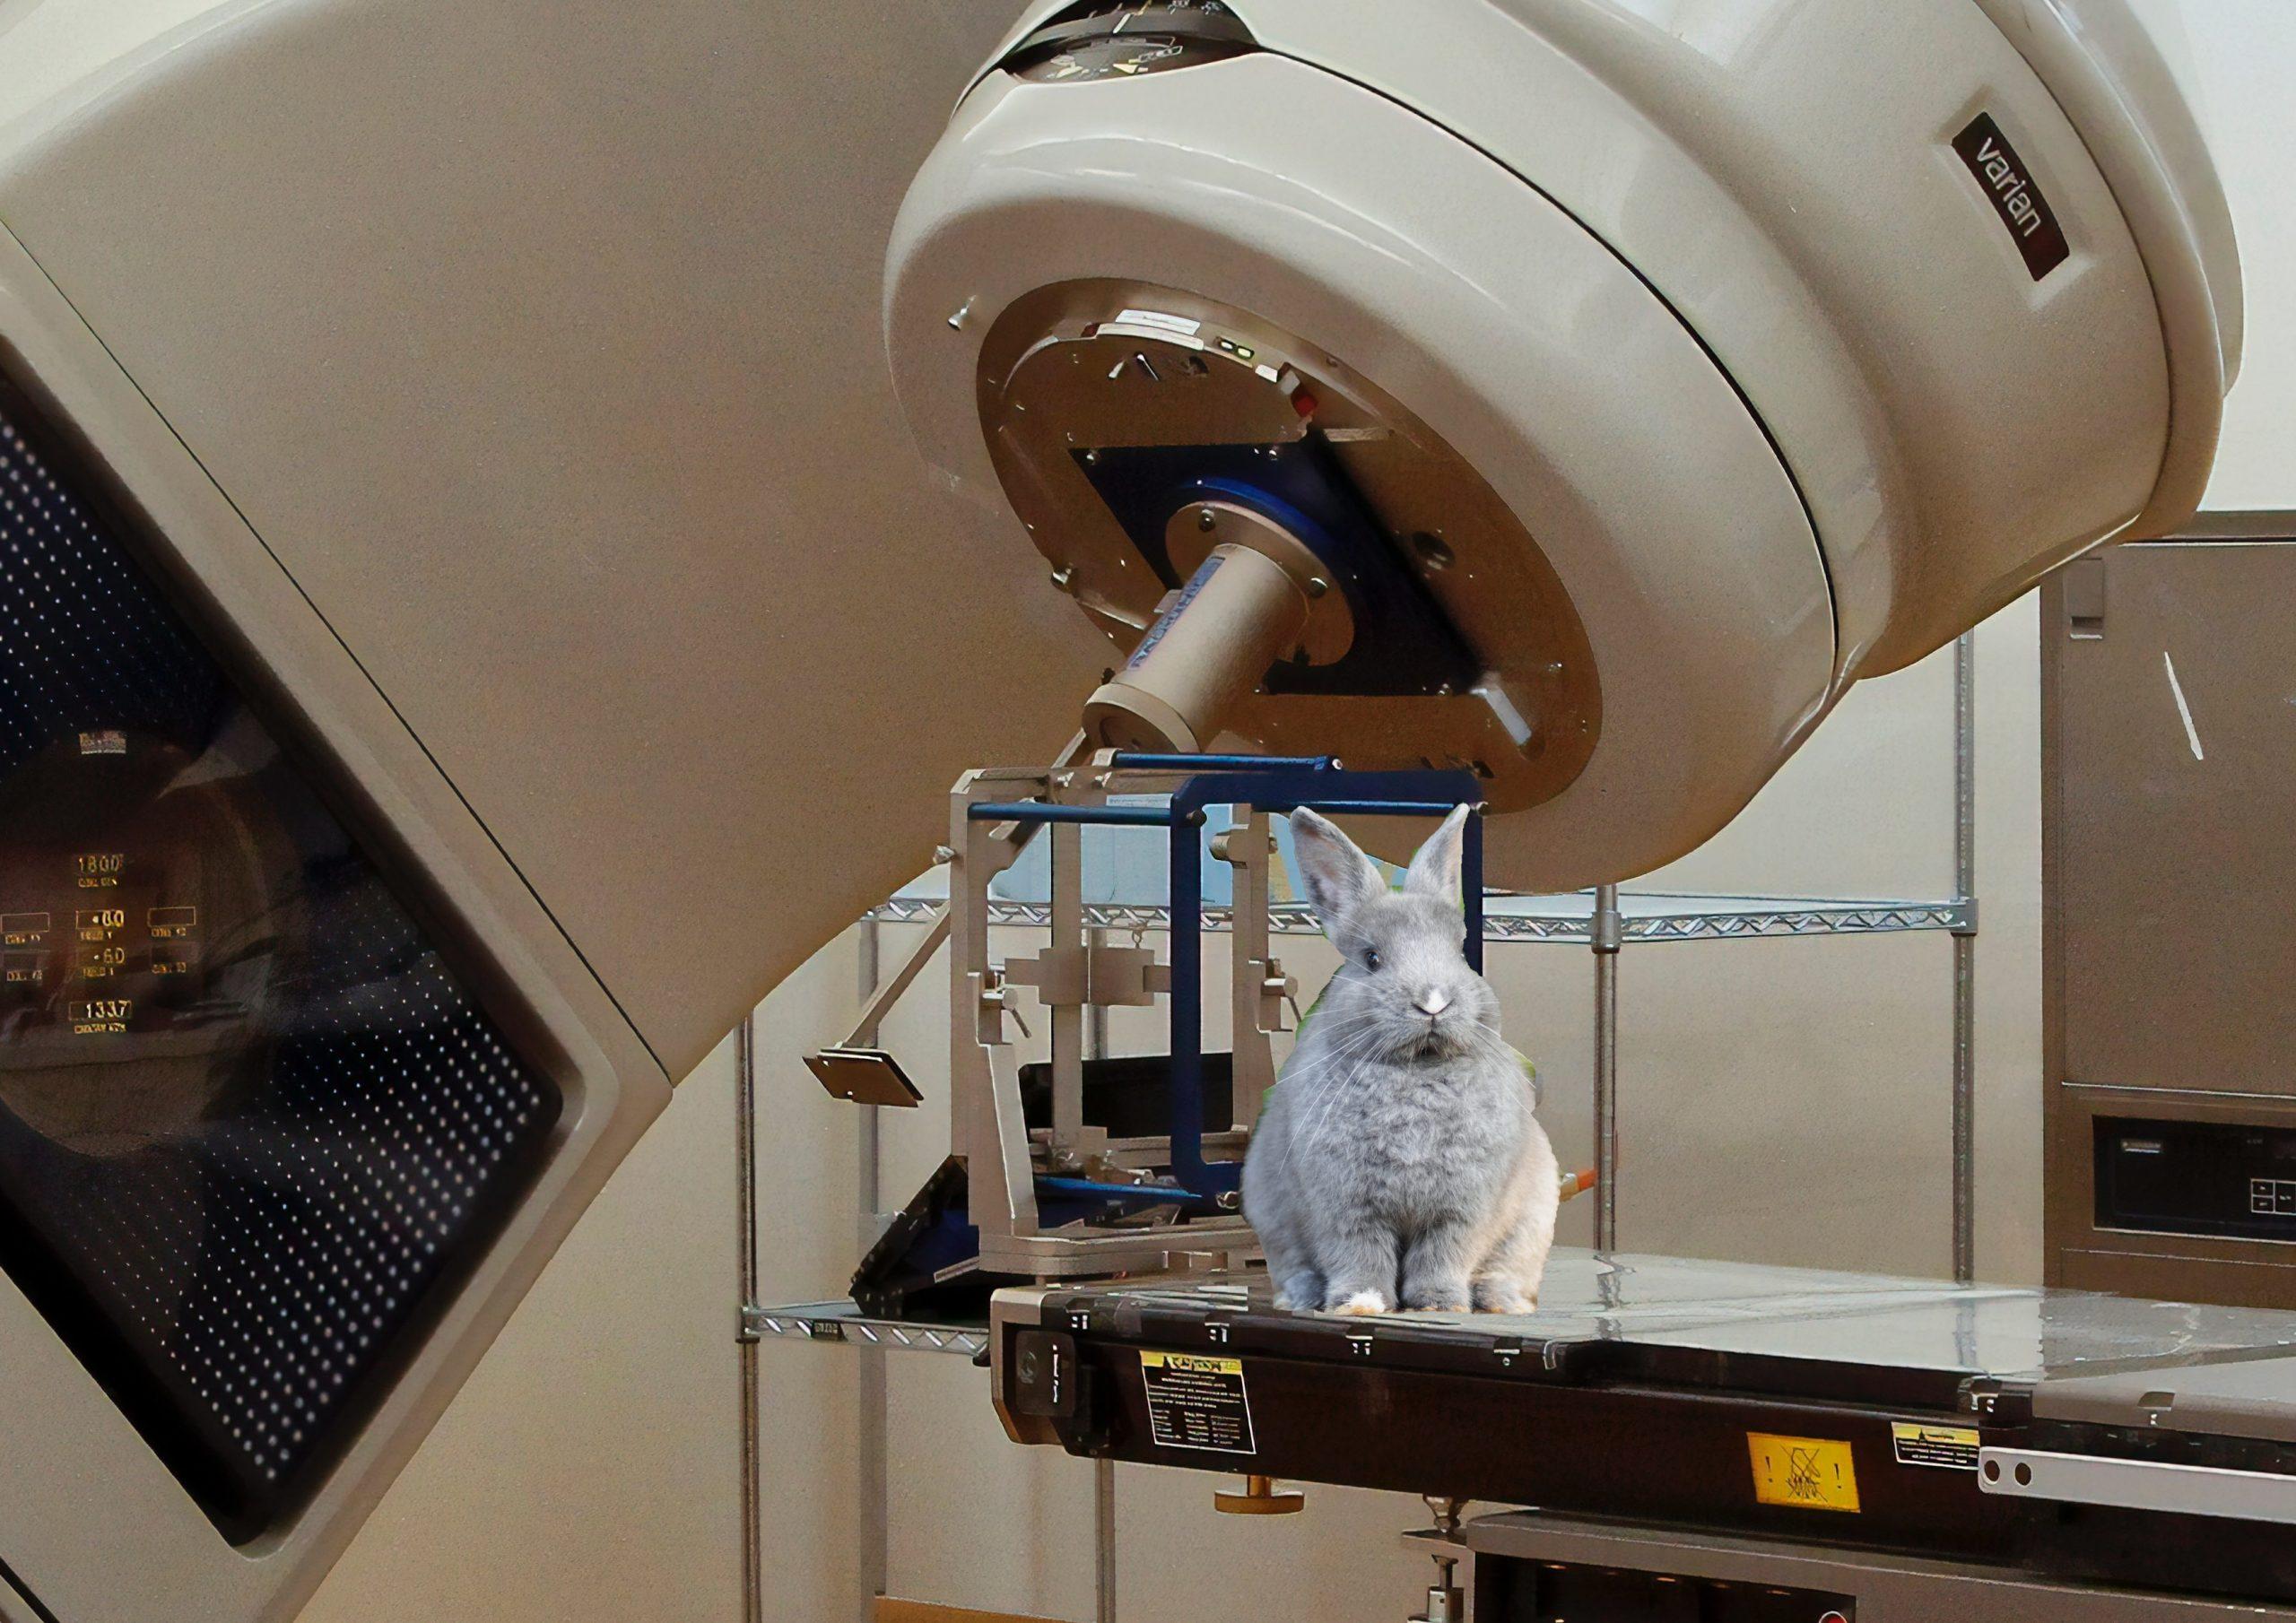 Photos by National Cancer Institute/Janan Lagerwall on Unsplash (Bearbeitung: PR hoch drei GmbH)